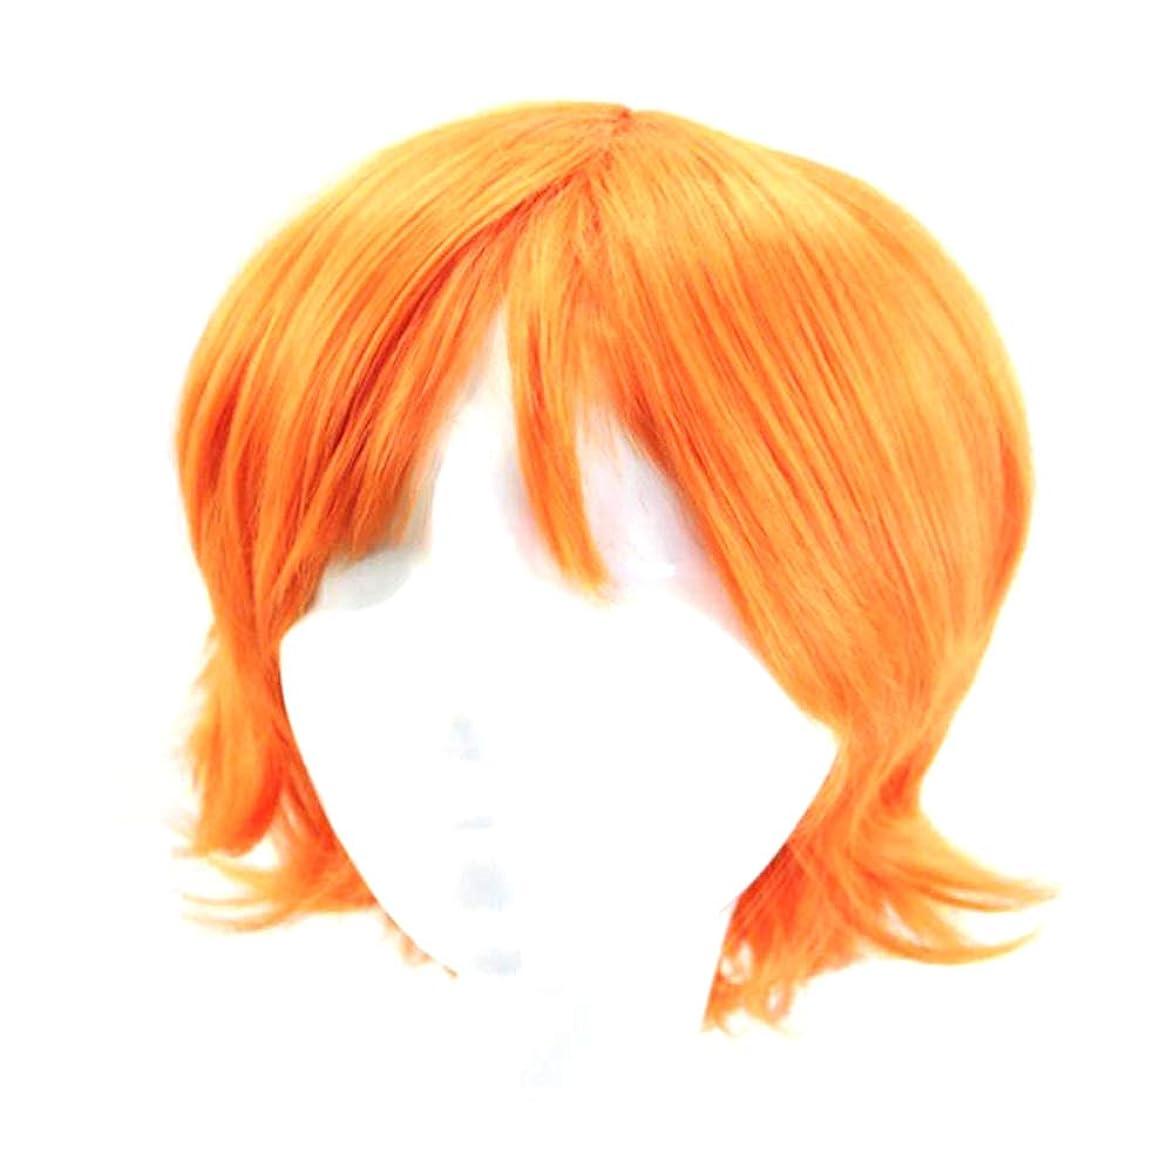 旅行者マウス不信ウィッグ - ファッションショートストレート高温シルクウィッグ自然耐熱ボールコスプレハロウィーン30cmオレンジ (色 : Orange, サイズ さいず : 30cm)